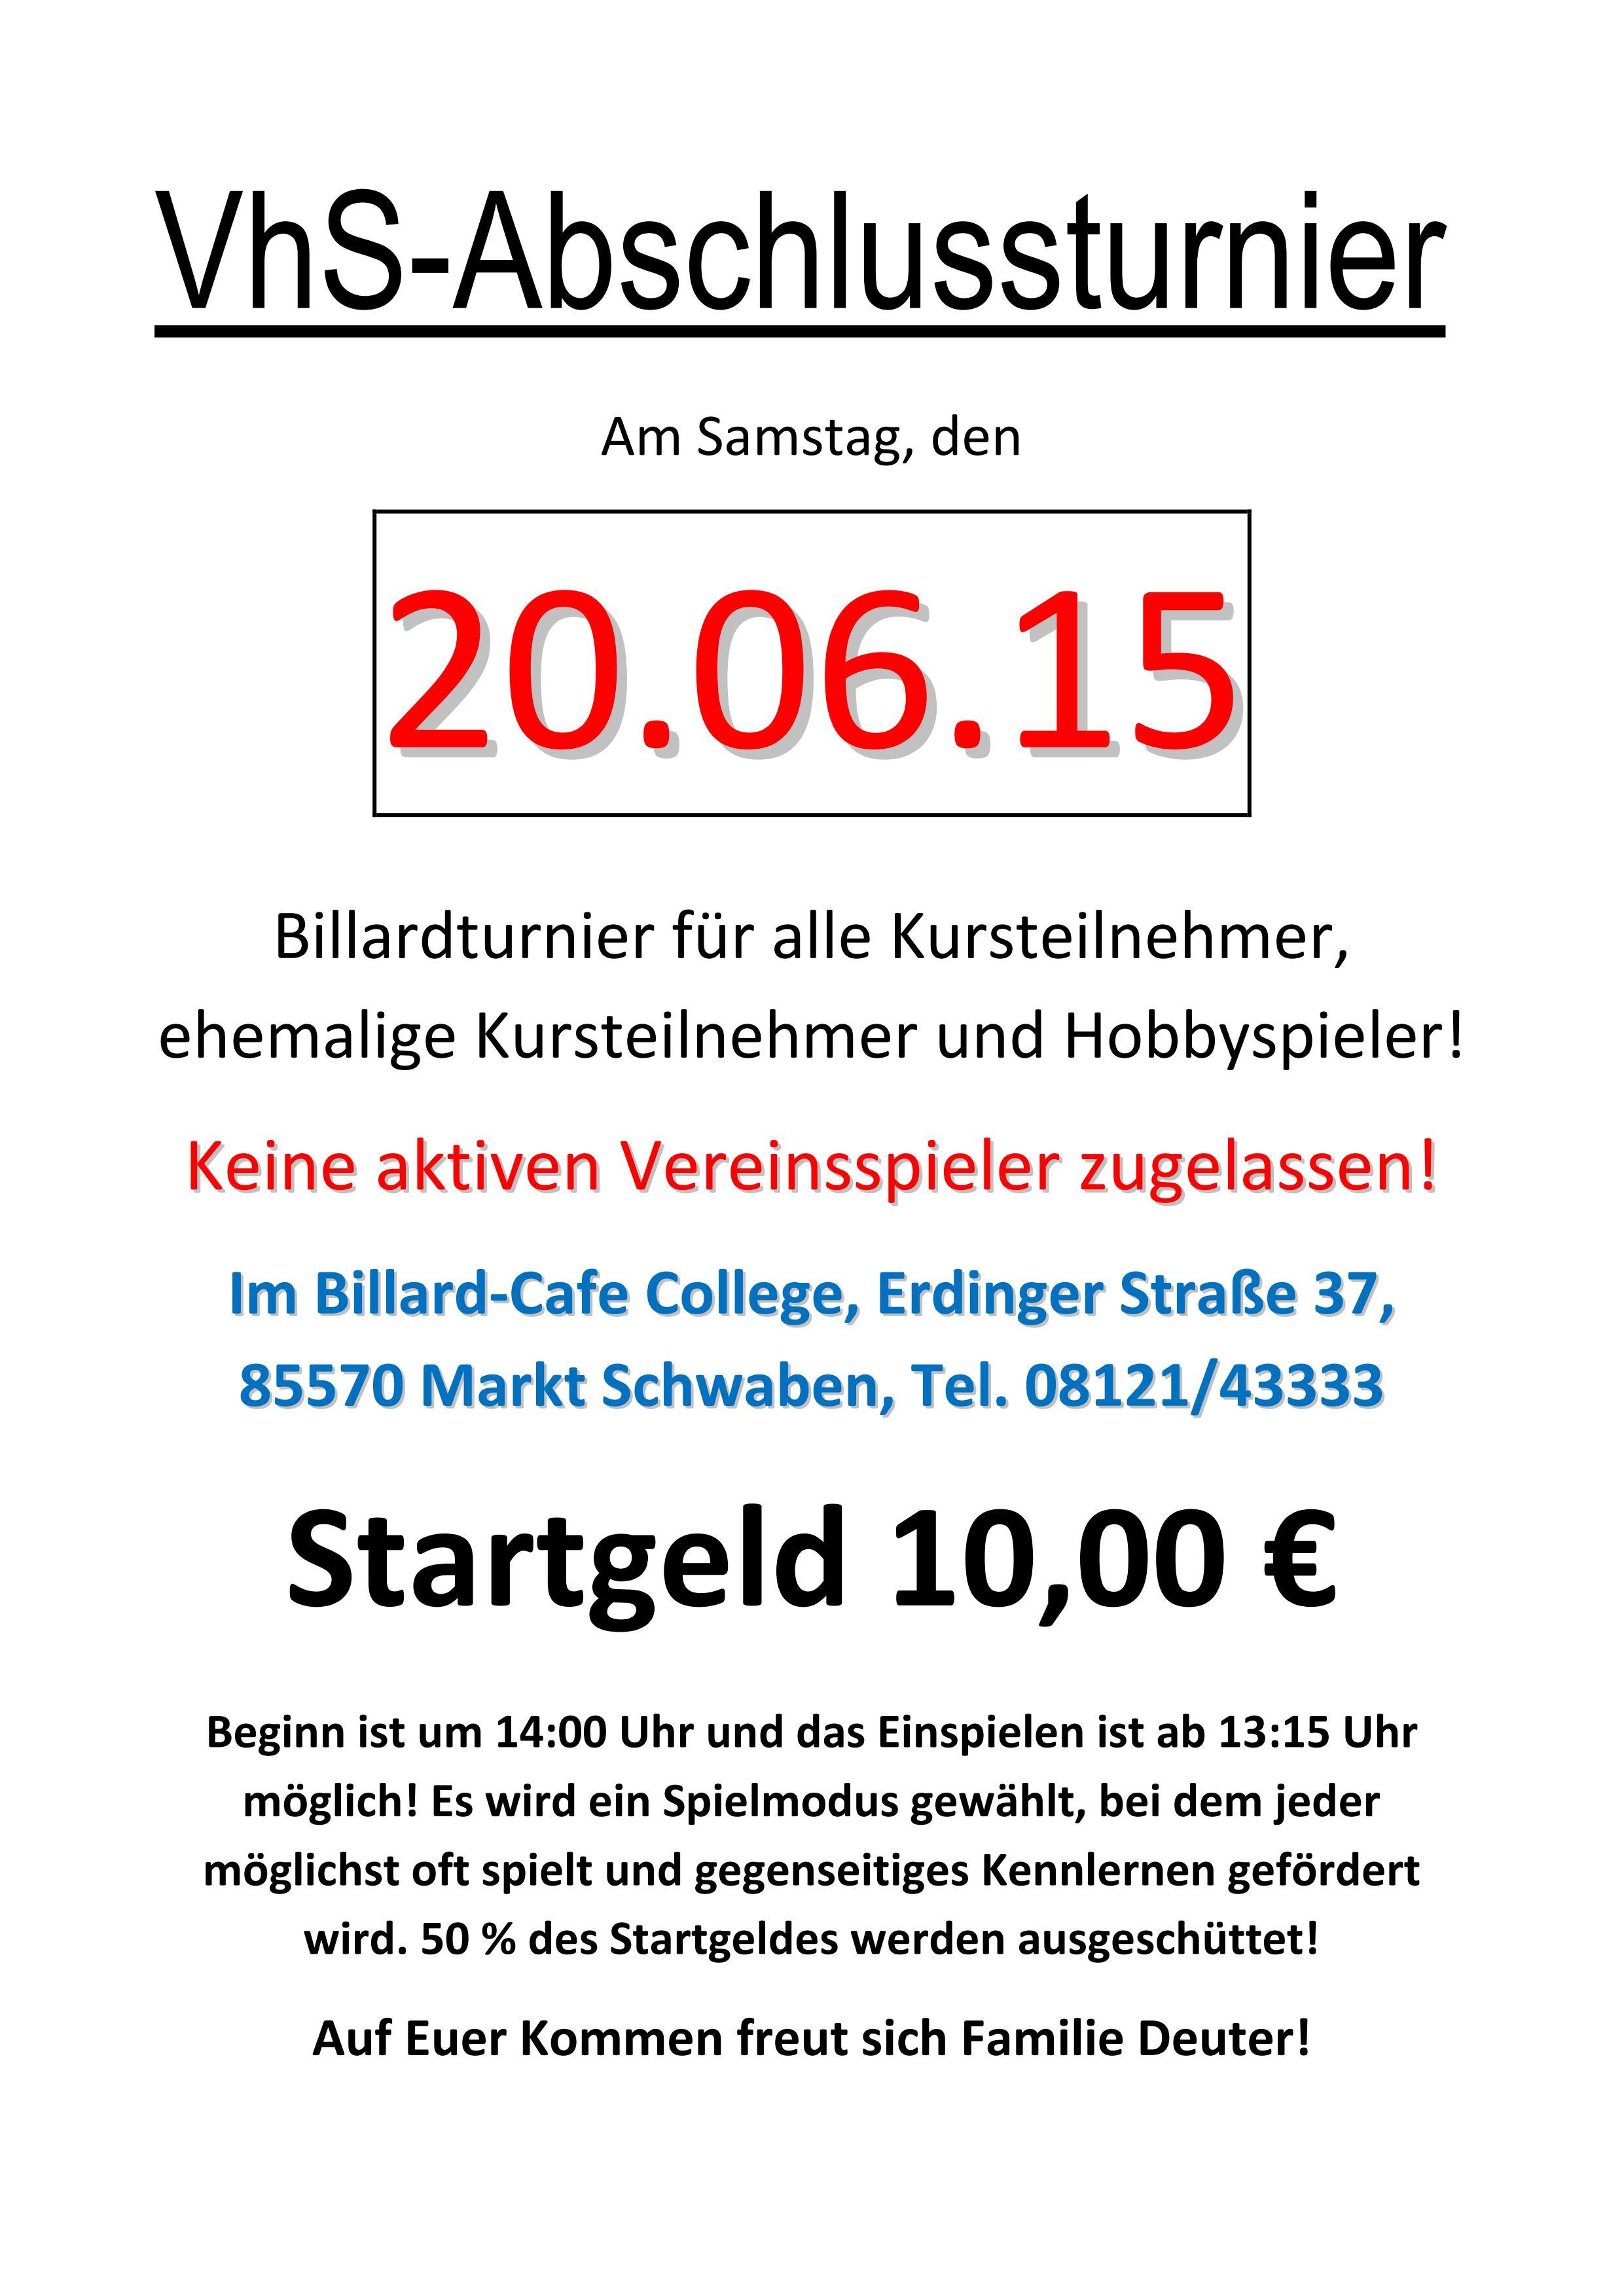 Vhs-Abschlussturnier Juni 2015